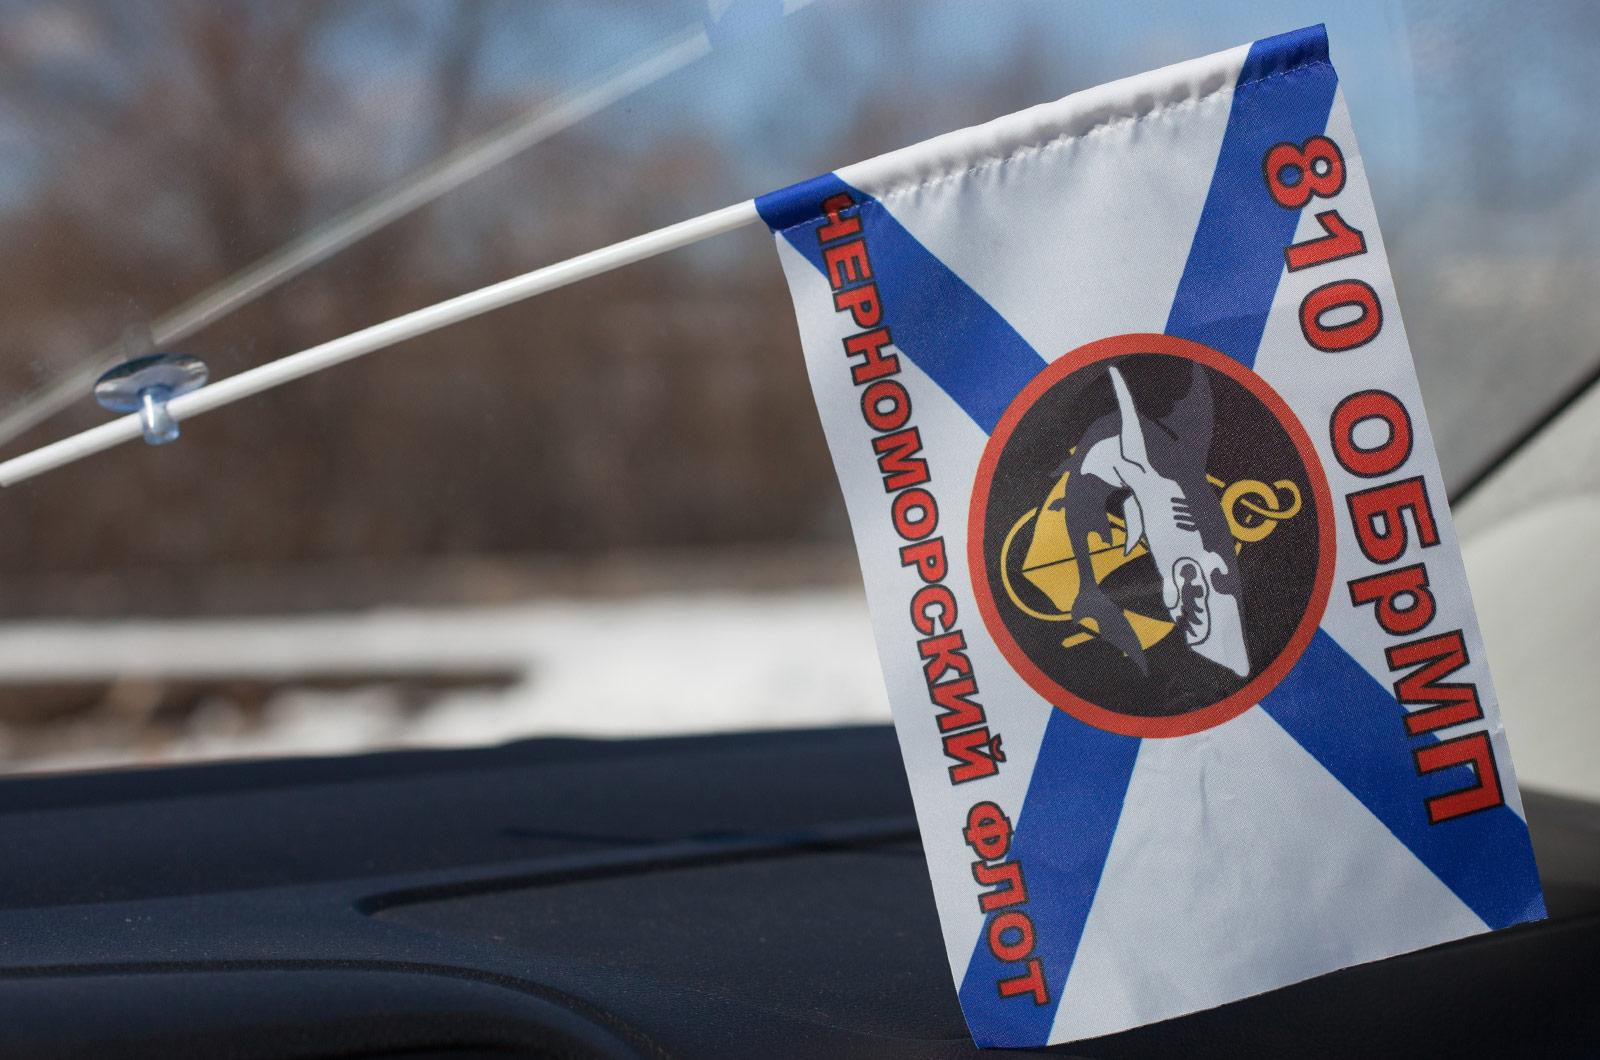 Флаг Морская пехота 810 Отдельная Бригада Морской Пехоты